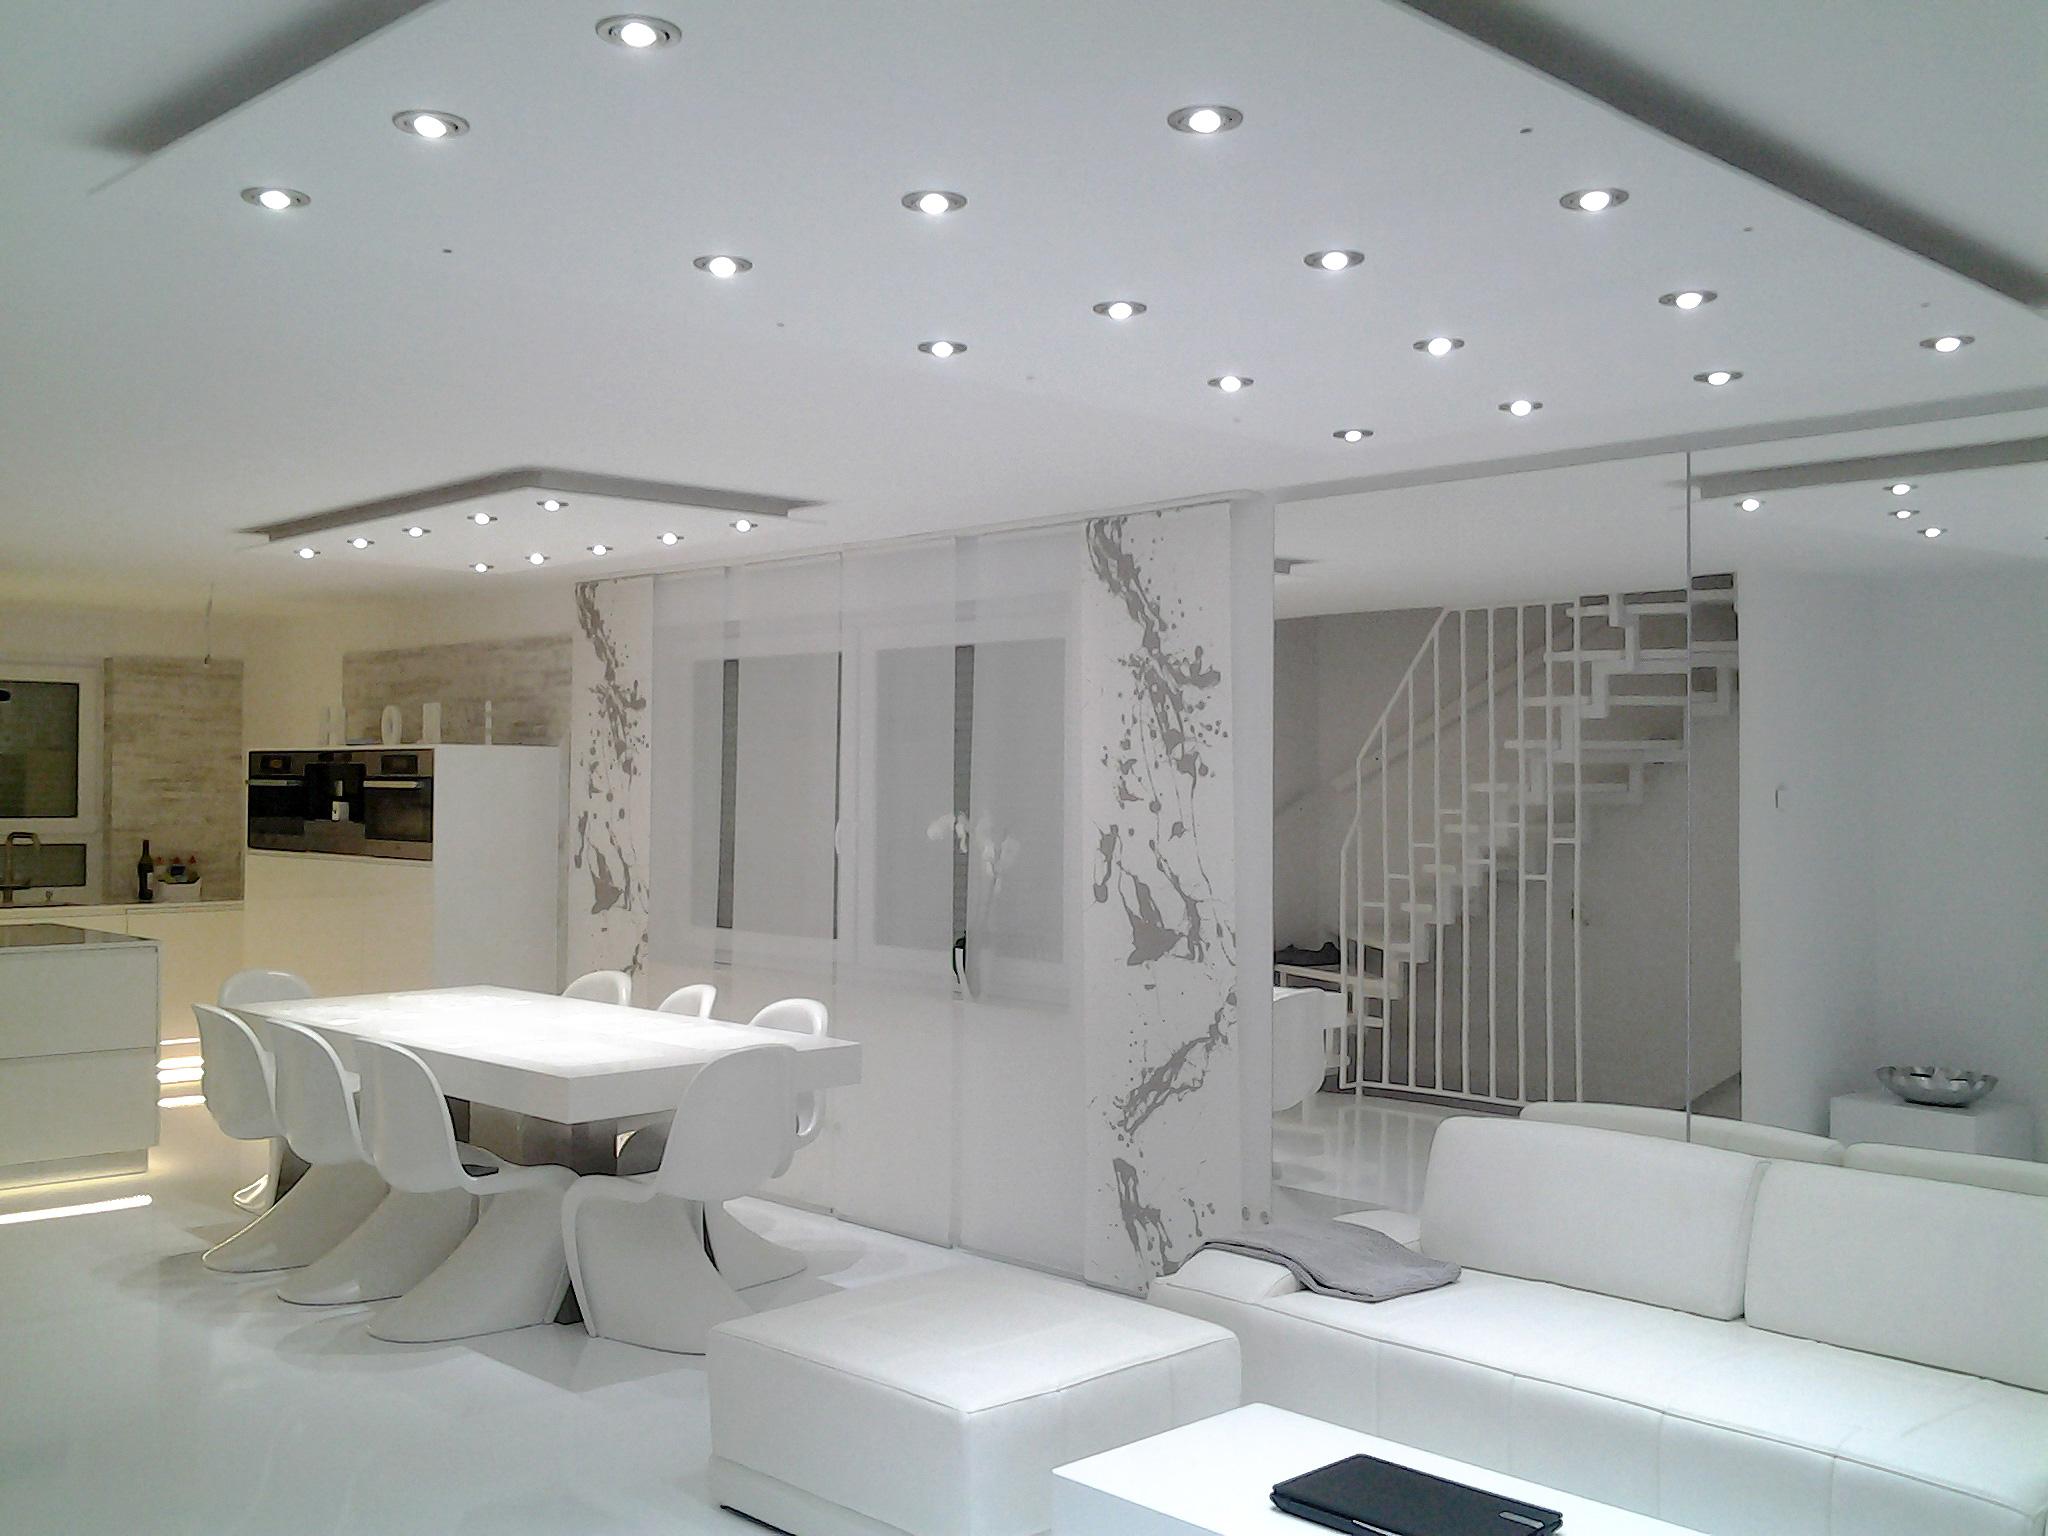 room design grey with color. Black Bedroom Furniture Sets. Home Design Ideas